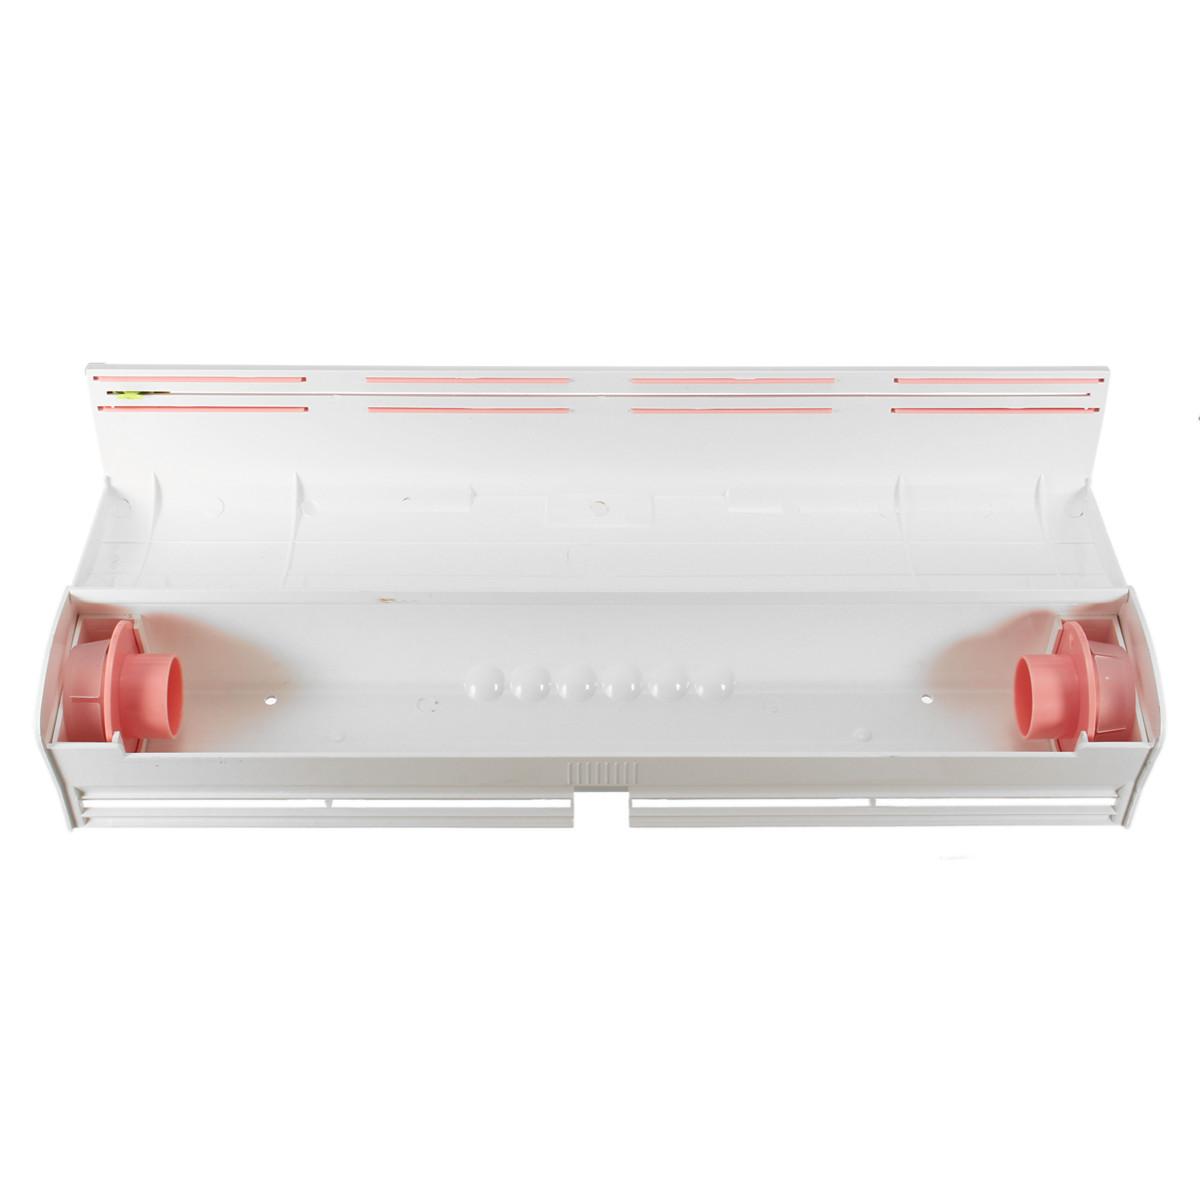 Пищевая пластиковая клипсаторная диспенсер для консервативной пленки - фото 5